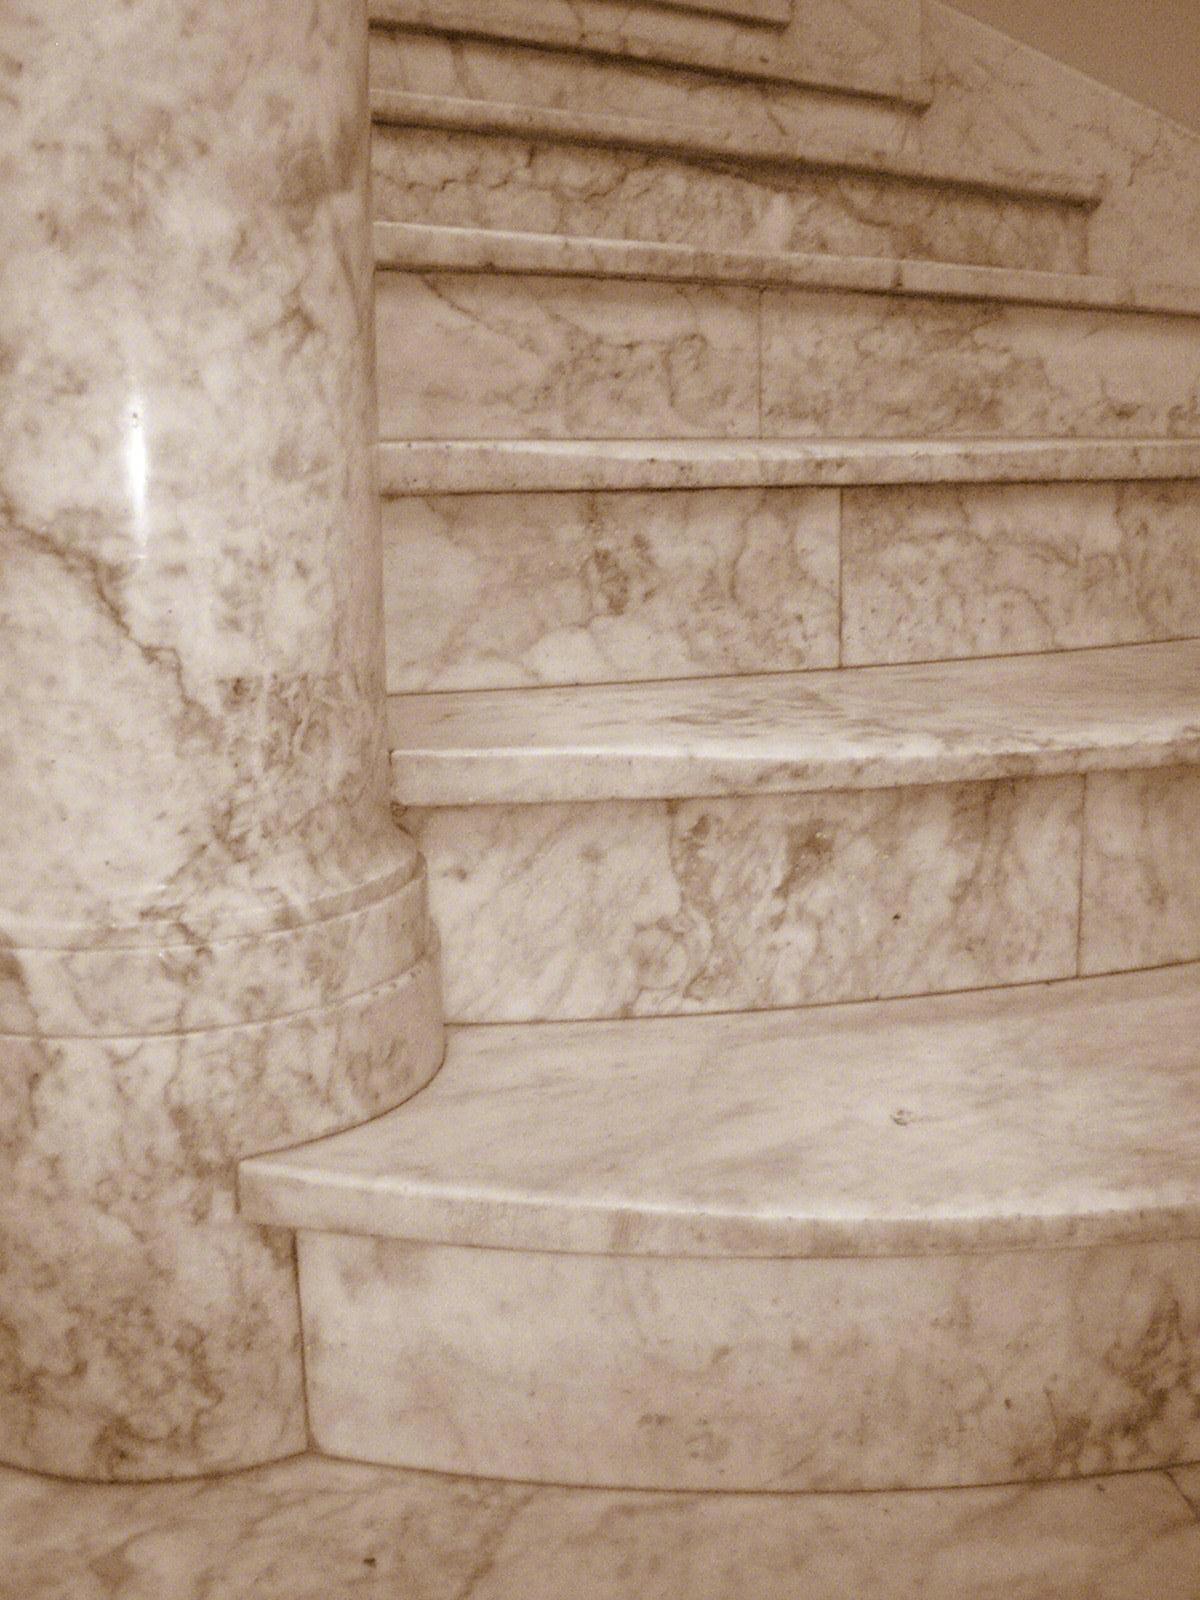 Cool Wallpaper Marble Wood - maeser-building-marble-staircase-845769-wallpaper  HD_259296.jpg?download\u003dtrue